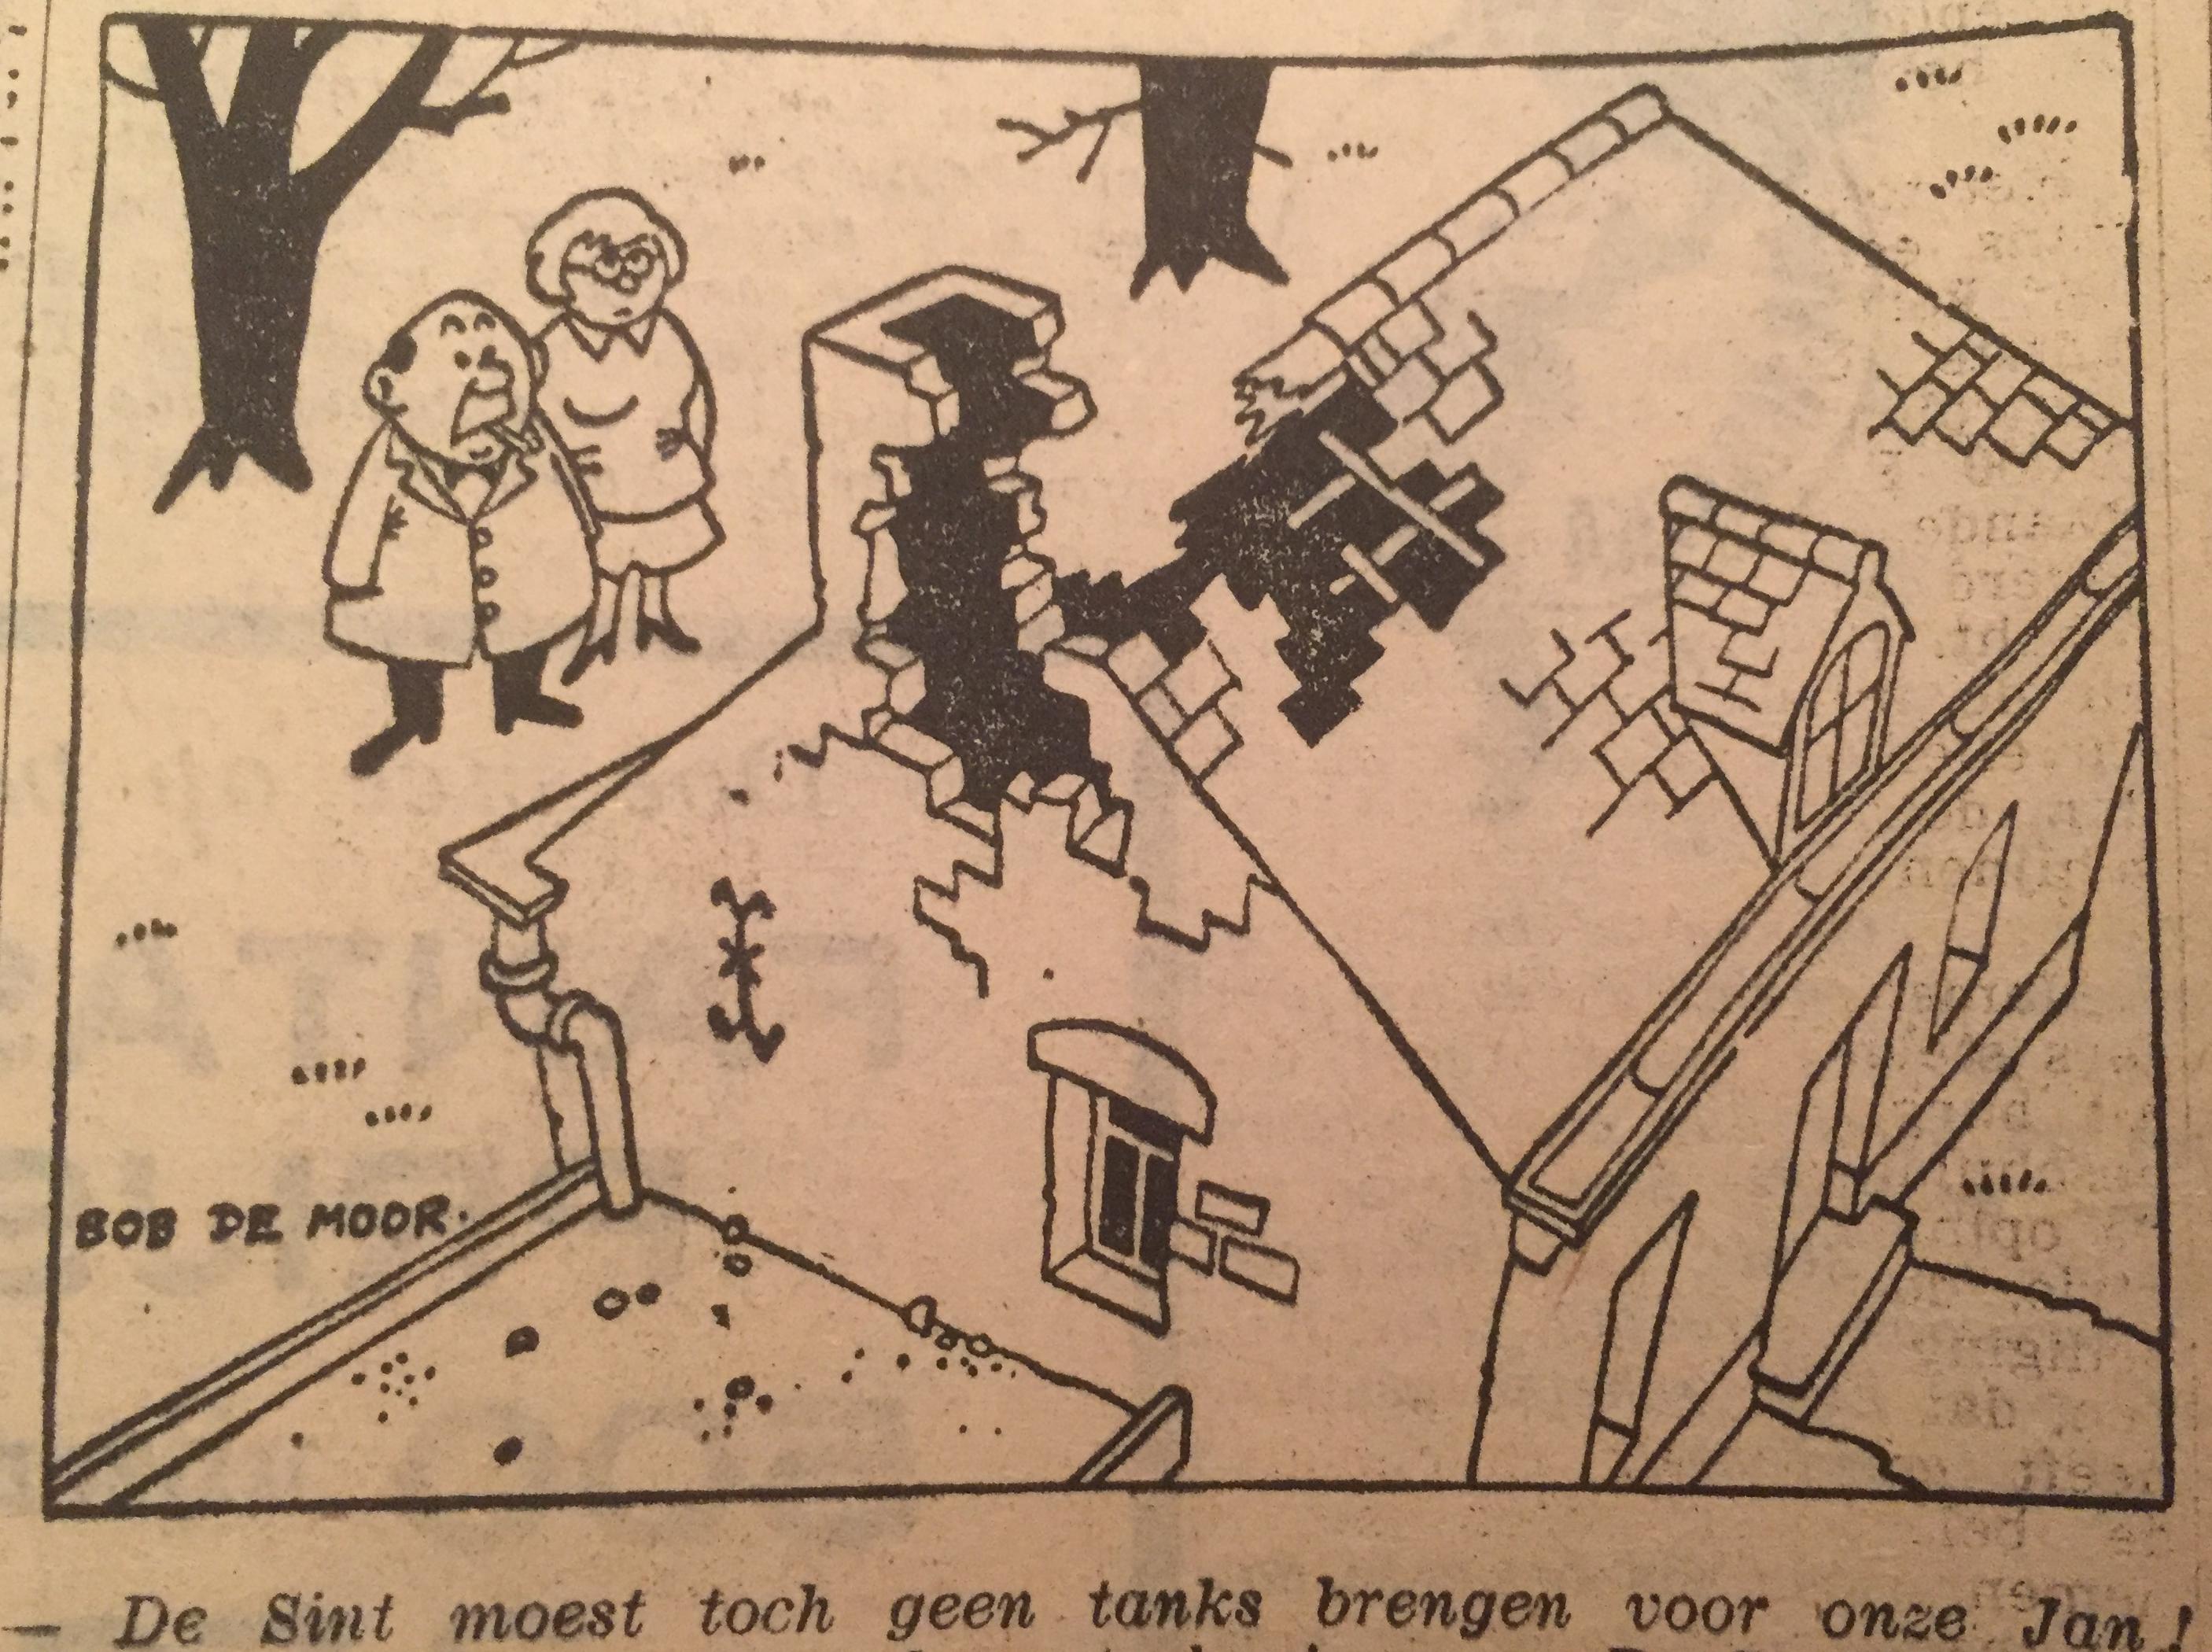 2 more 'Help Sinterklaas' cartoons surface